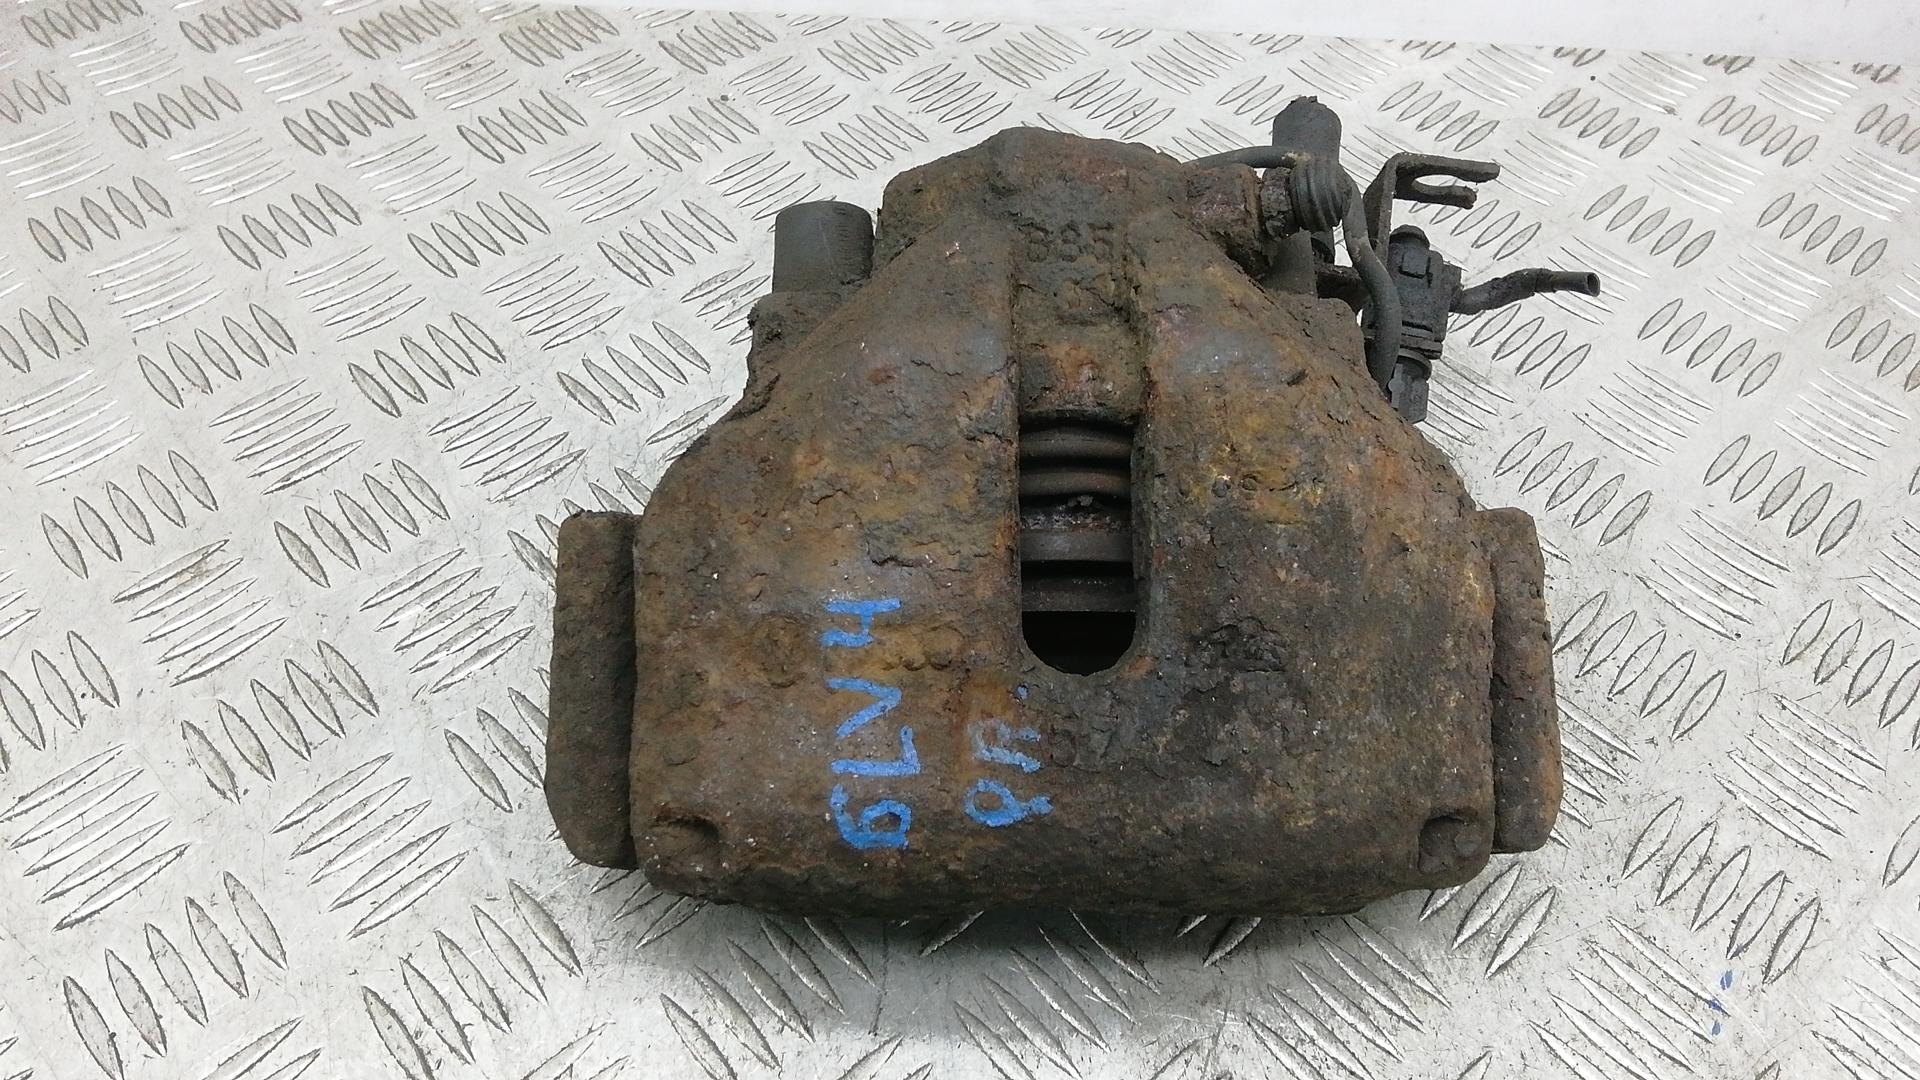 Суппорт тормозной передний правый, VOLKSWAGEN, PASSAT B5, 2001